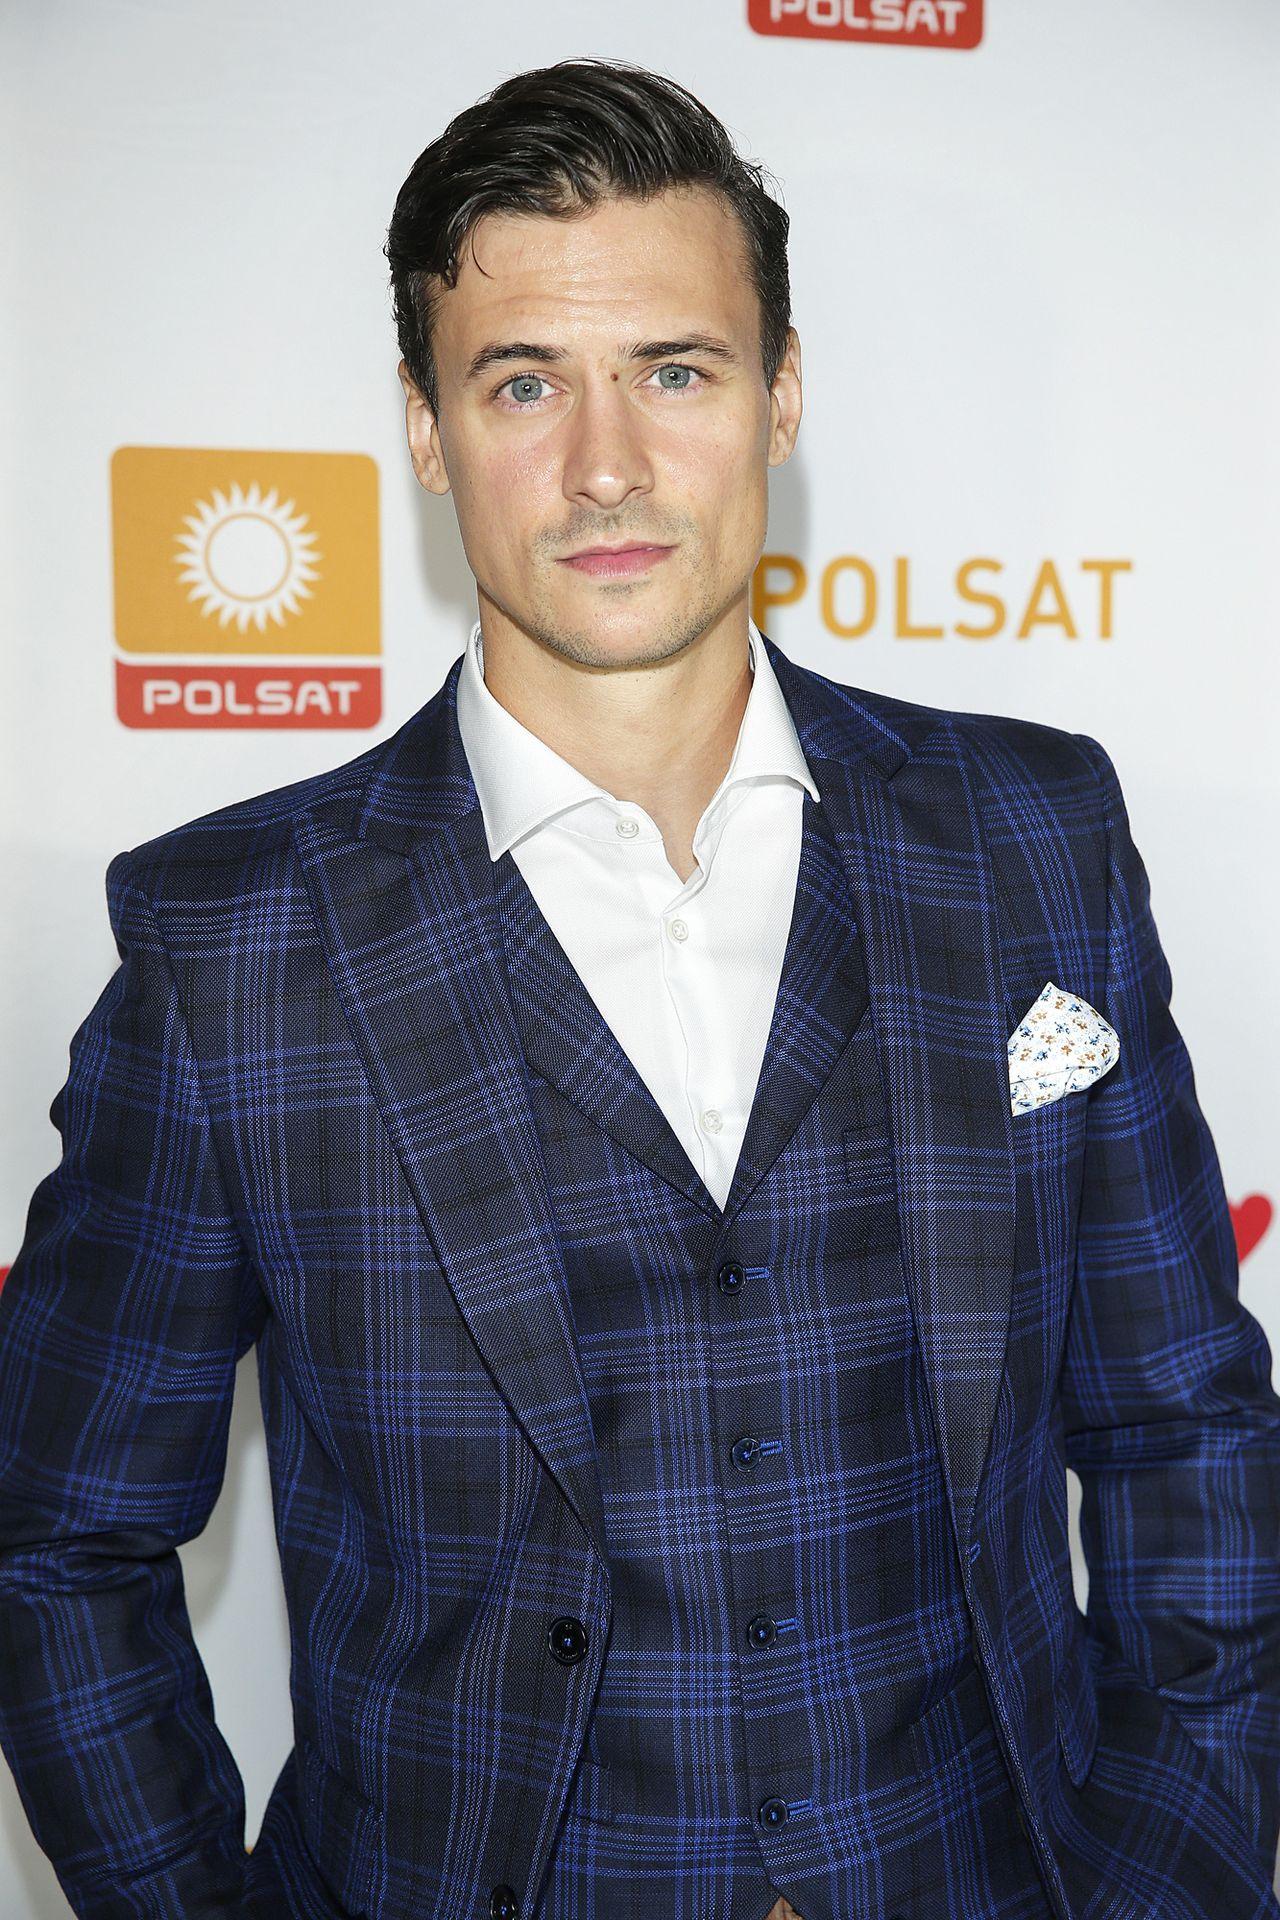 Mateusz Damięcki krytykuje TVP za zorganizowanie koncertu na Dzień Matki.